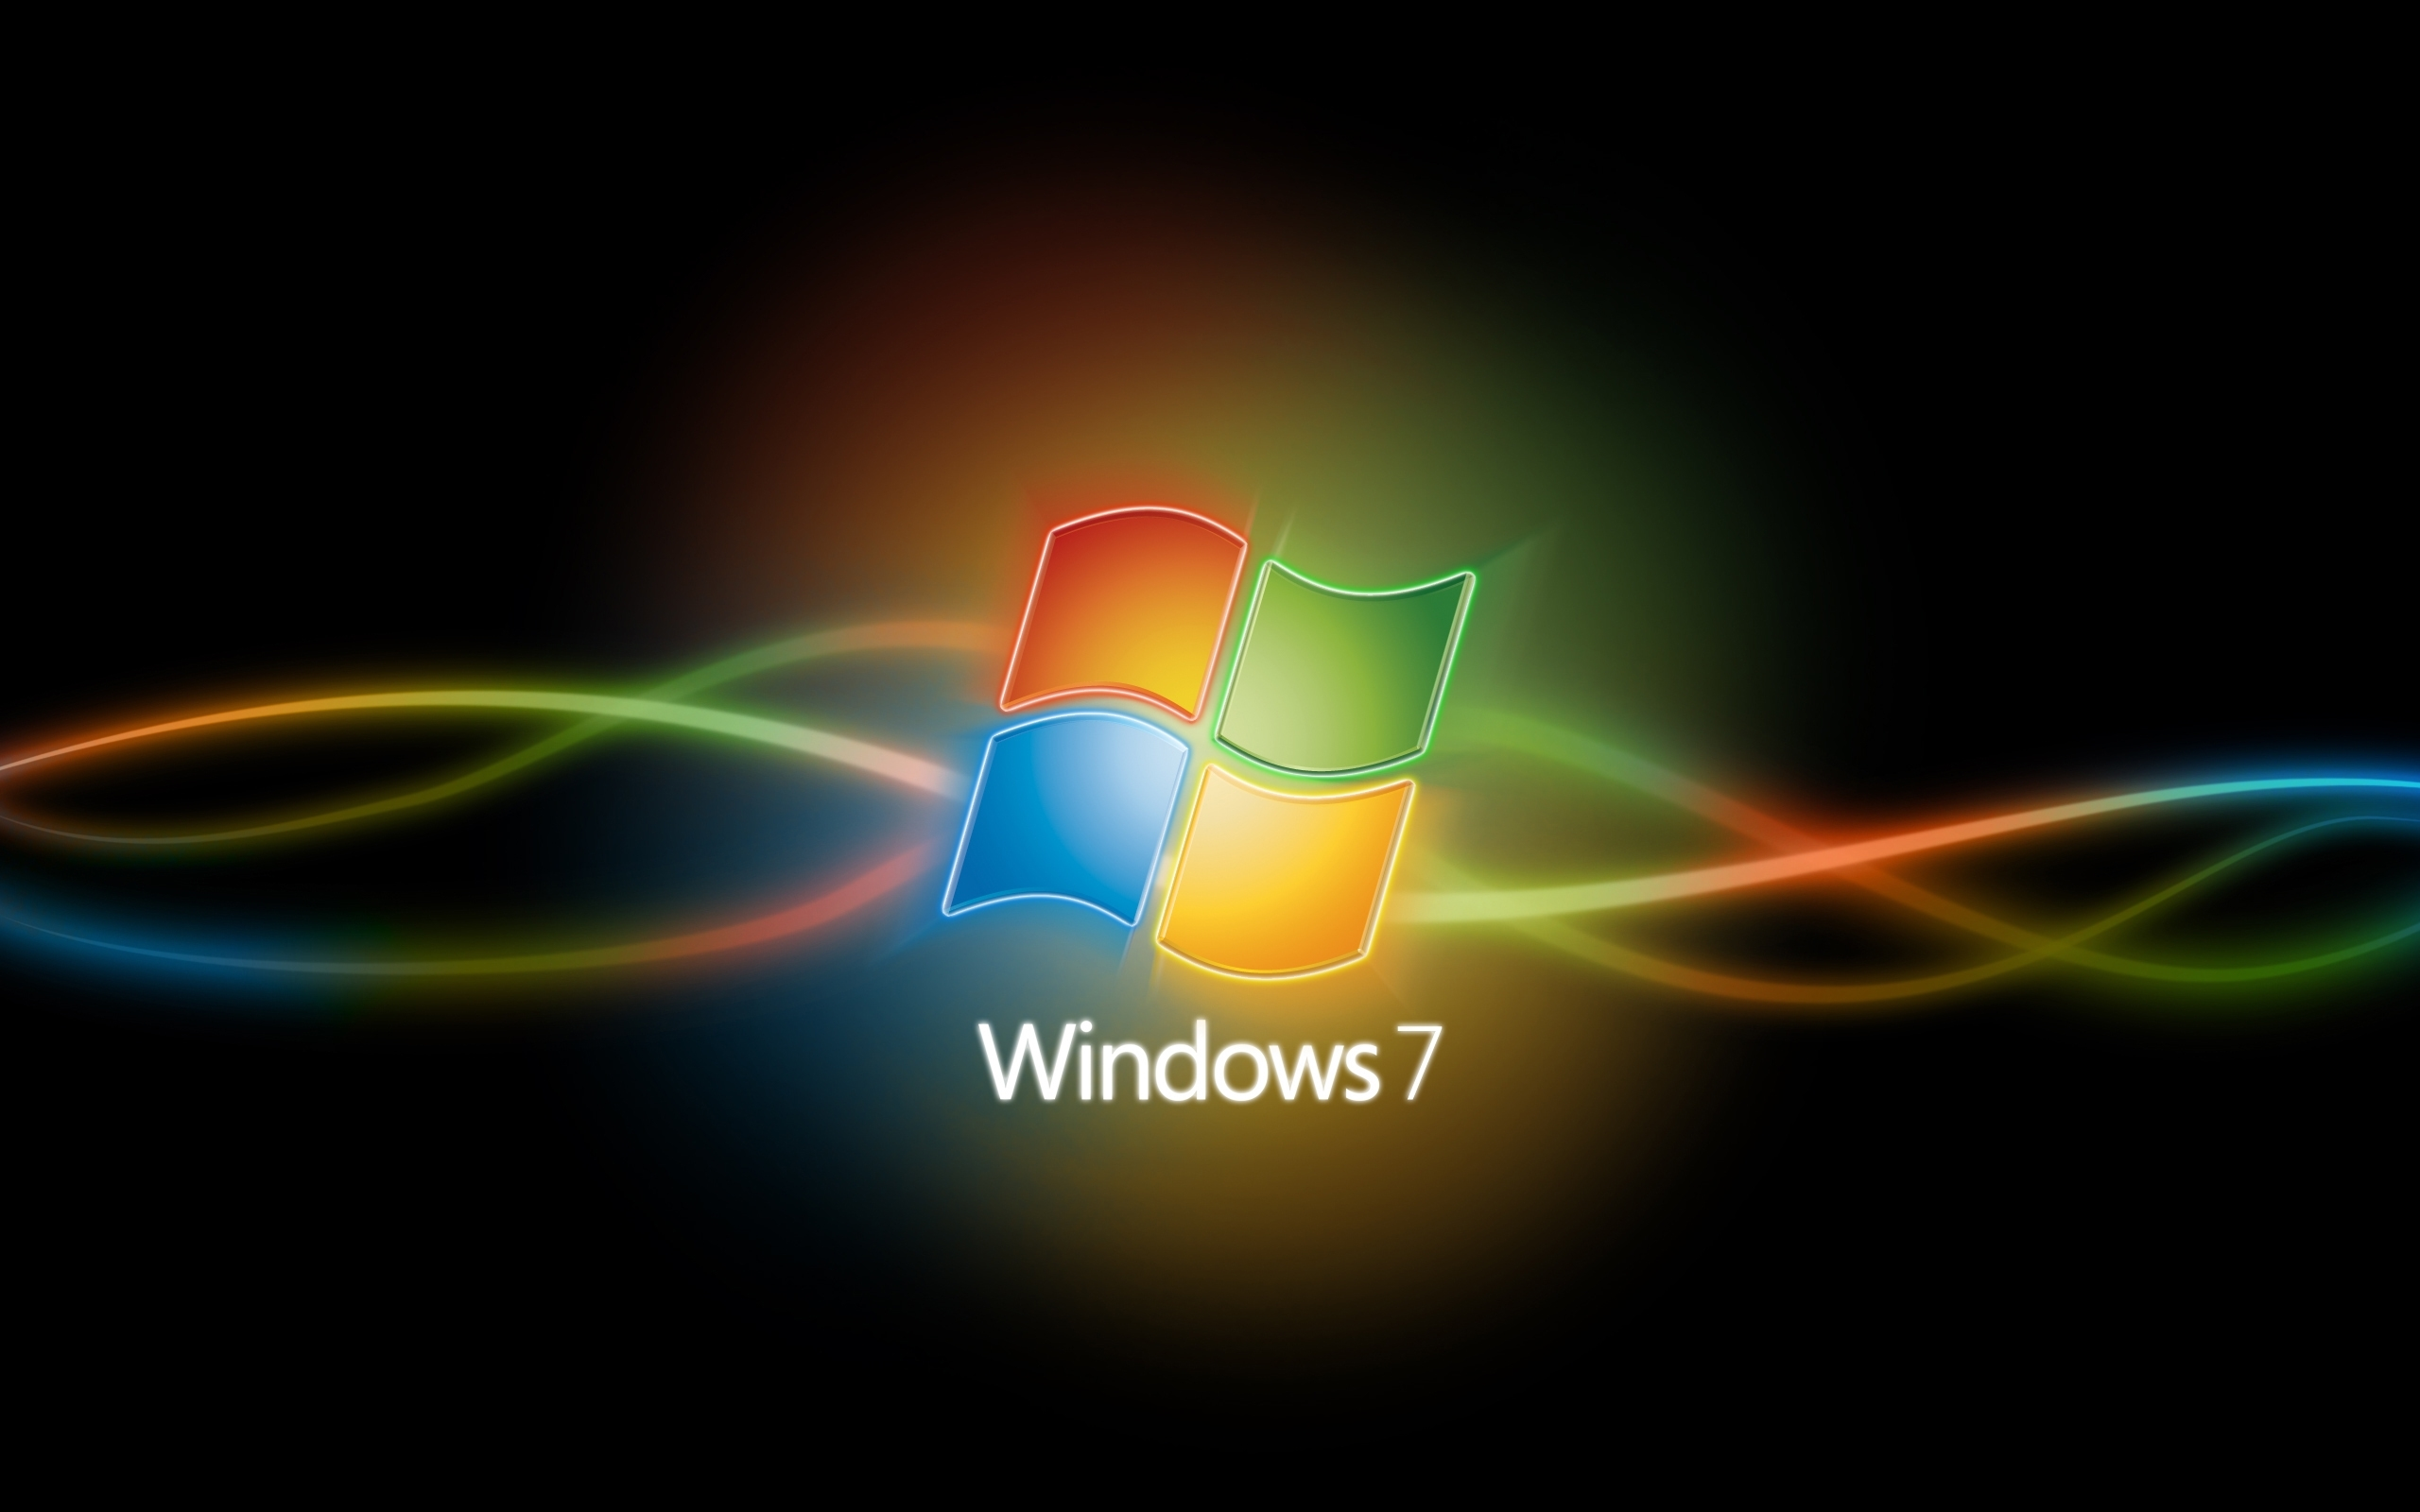 24882 Заставки и Обои Бренды на телефон. Скачать Windows, Бренды, Логотипы, Фон картинки бесплатно